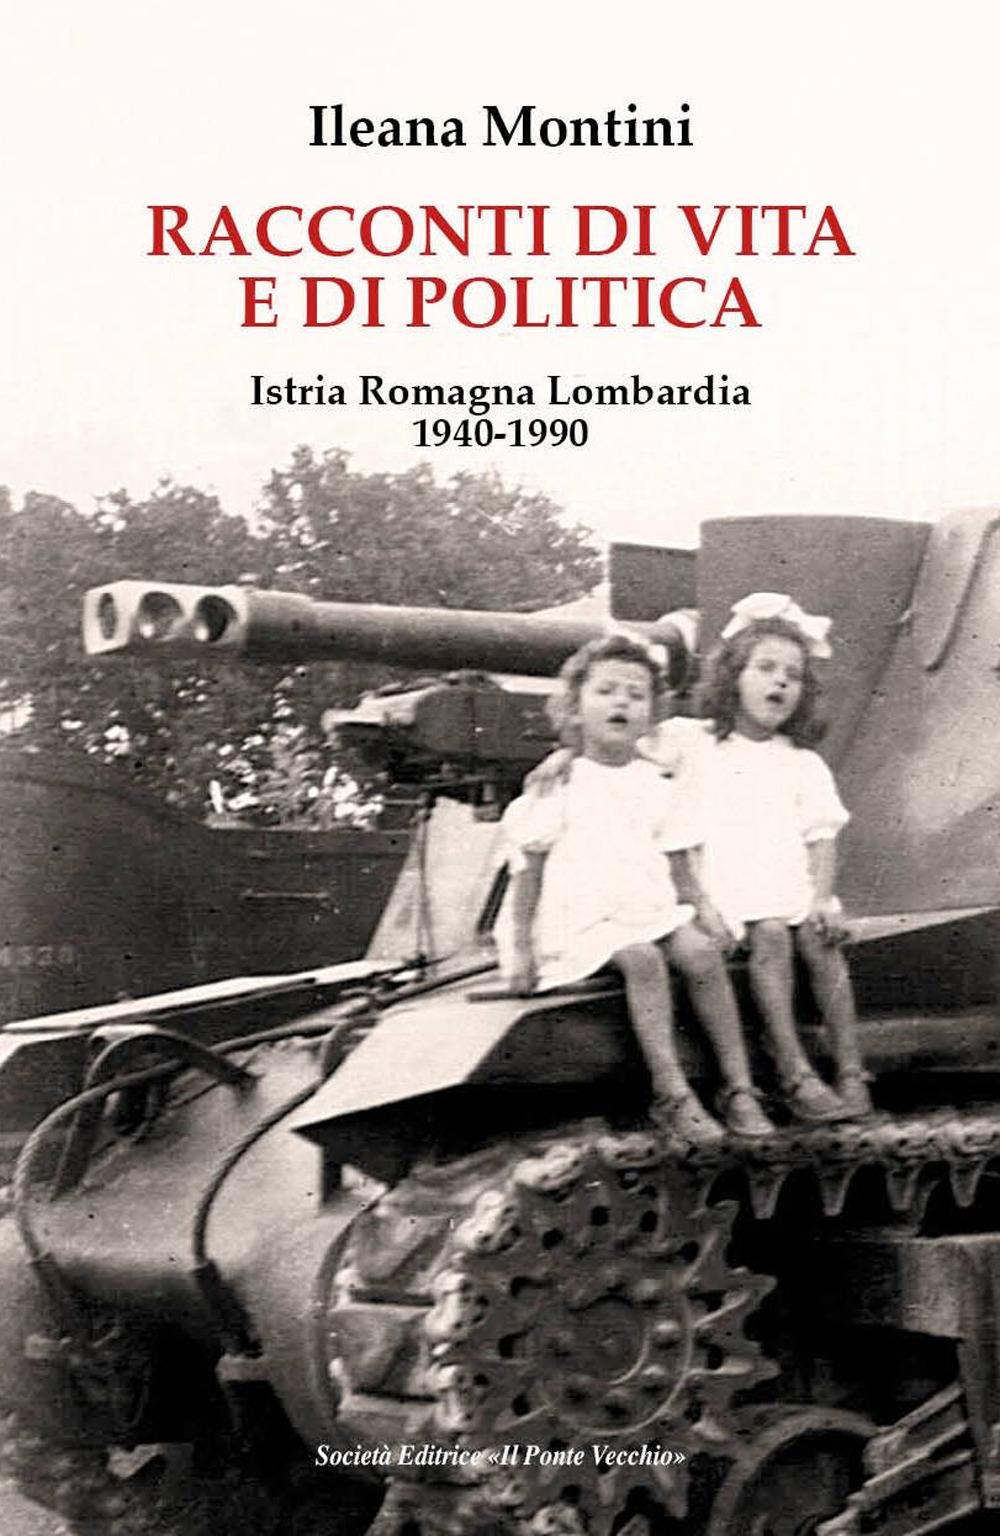 Racconti di vita e di politica. Istria Romagna Lombardia 1940-1990 - Montini Ileana